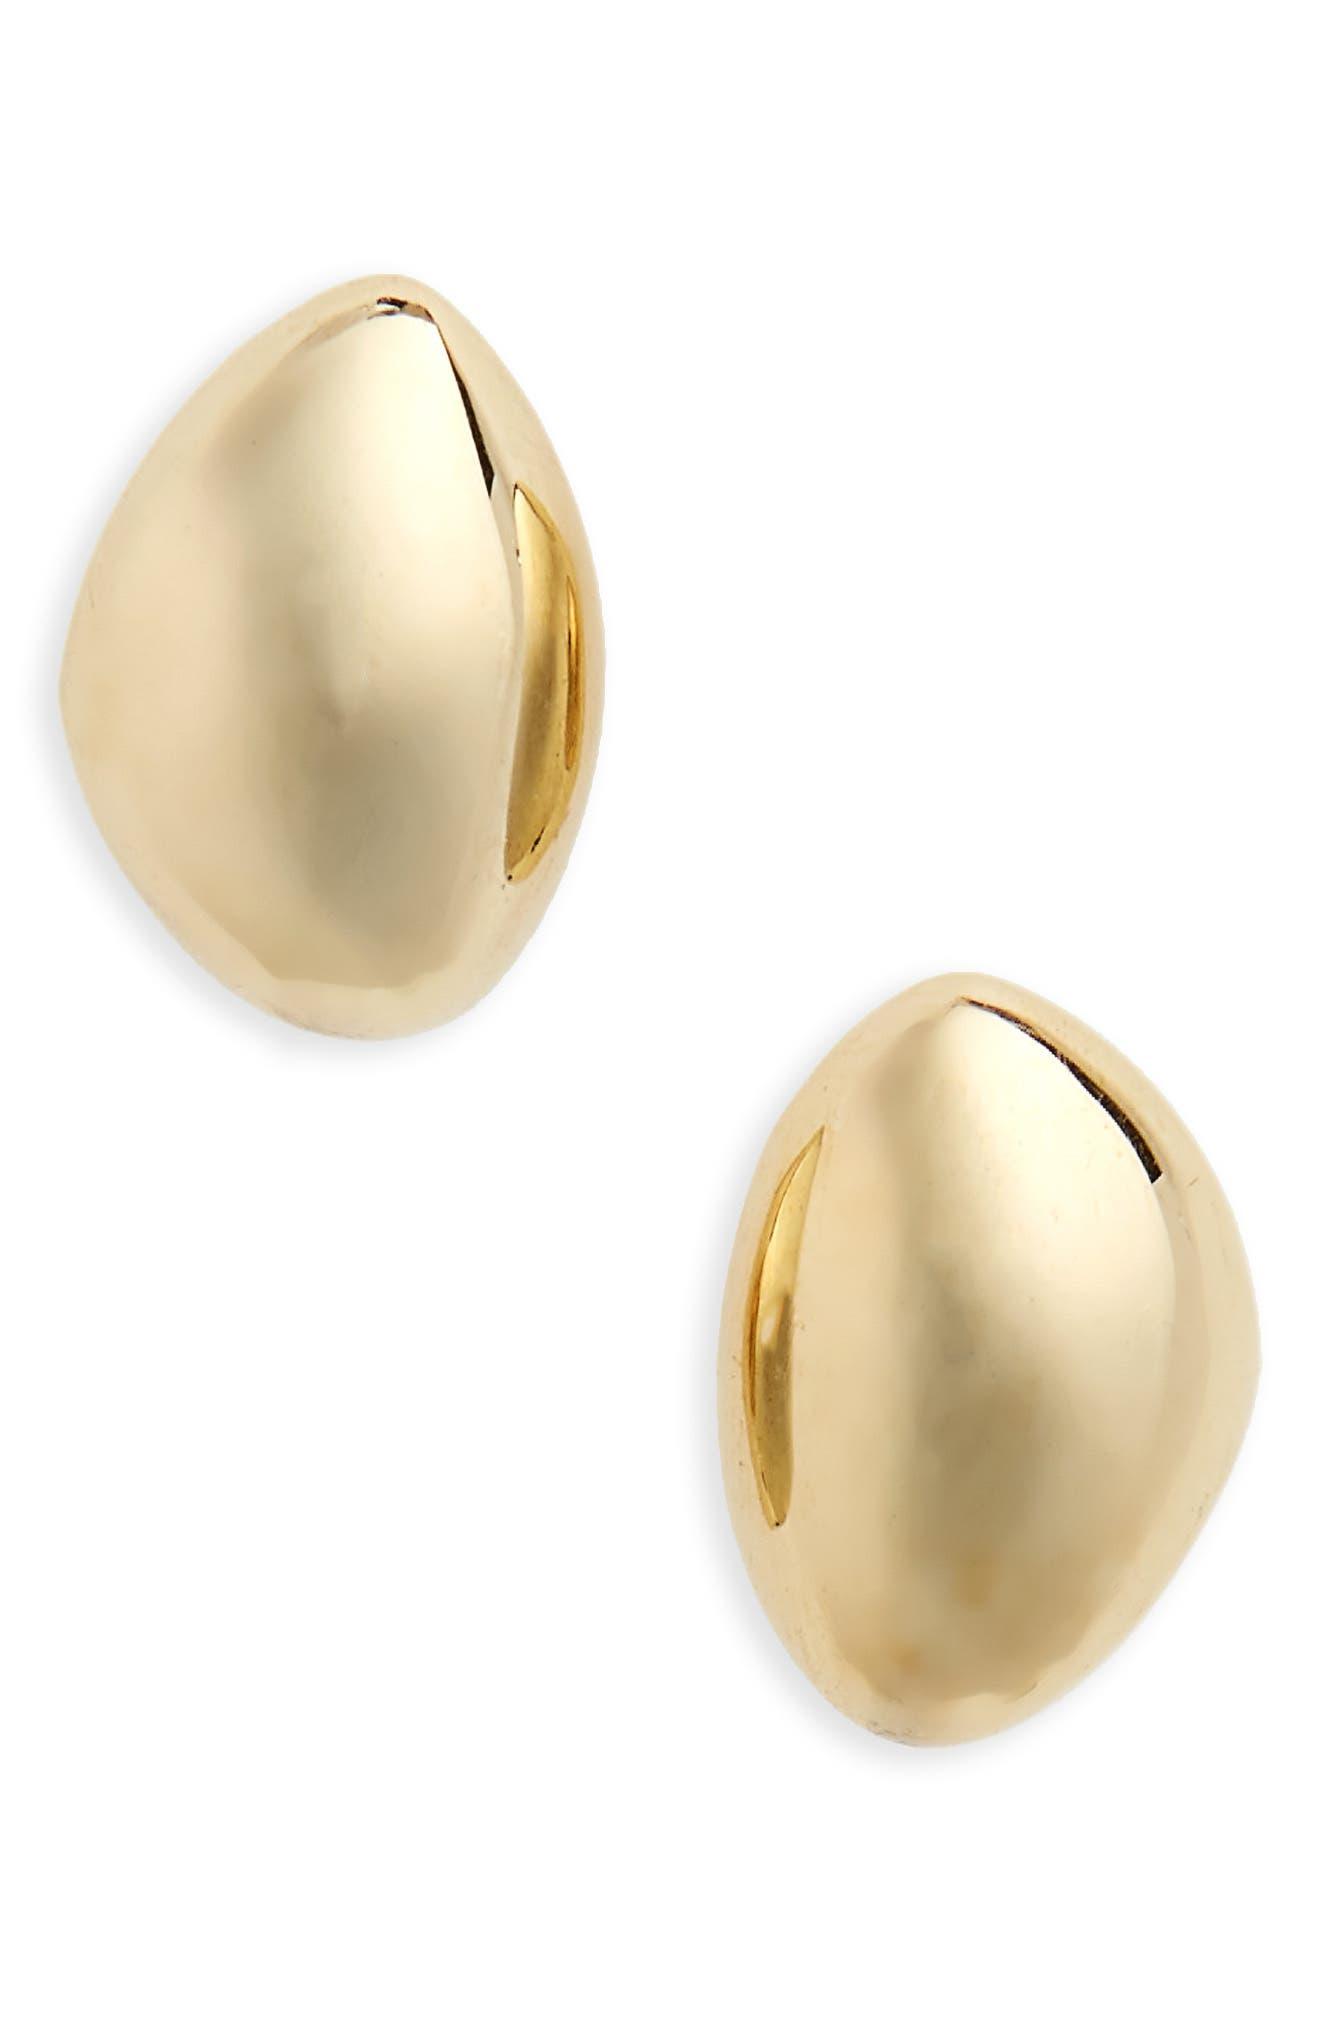 Main Image - Soko Sabi Stud Earrings